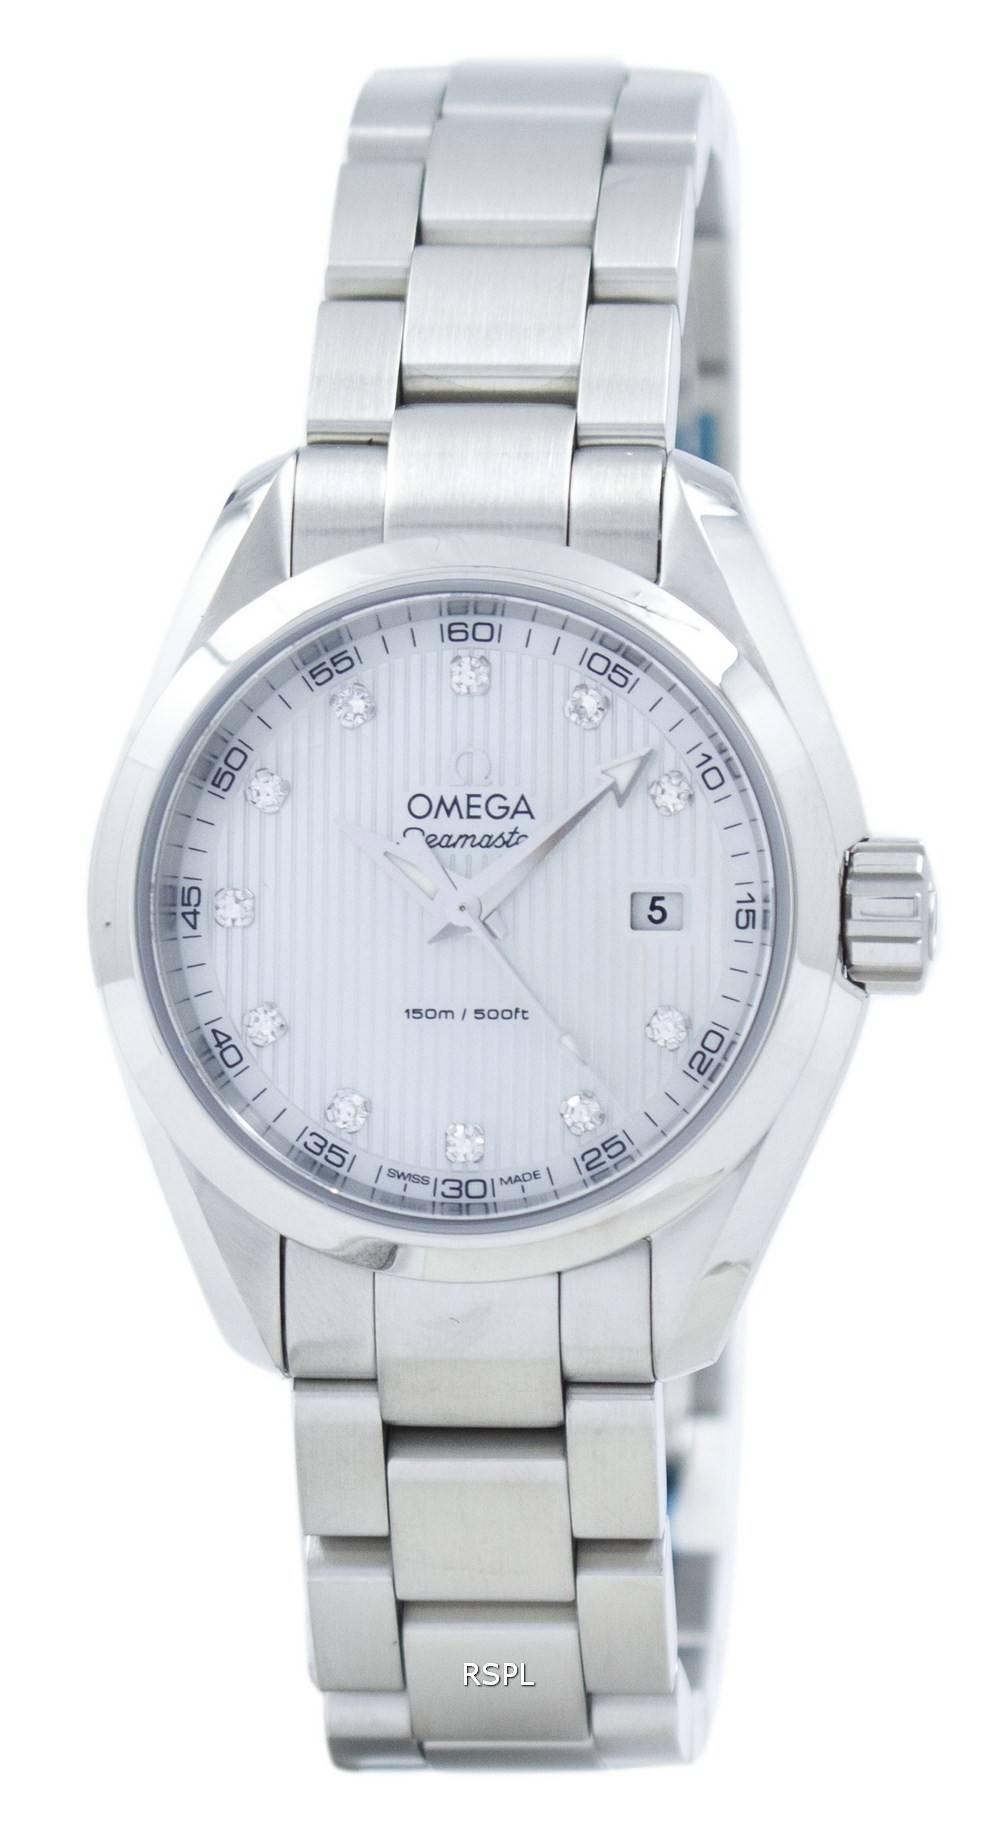 Omega Seamaster Aqua Terra 150m Quartz 231 10 30 60 55 001